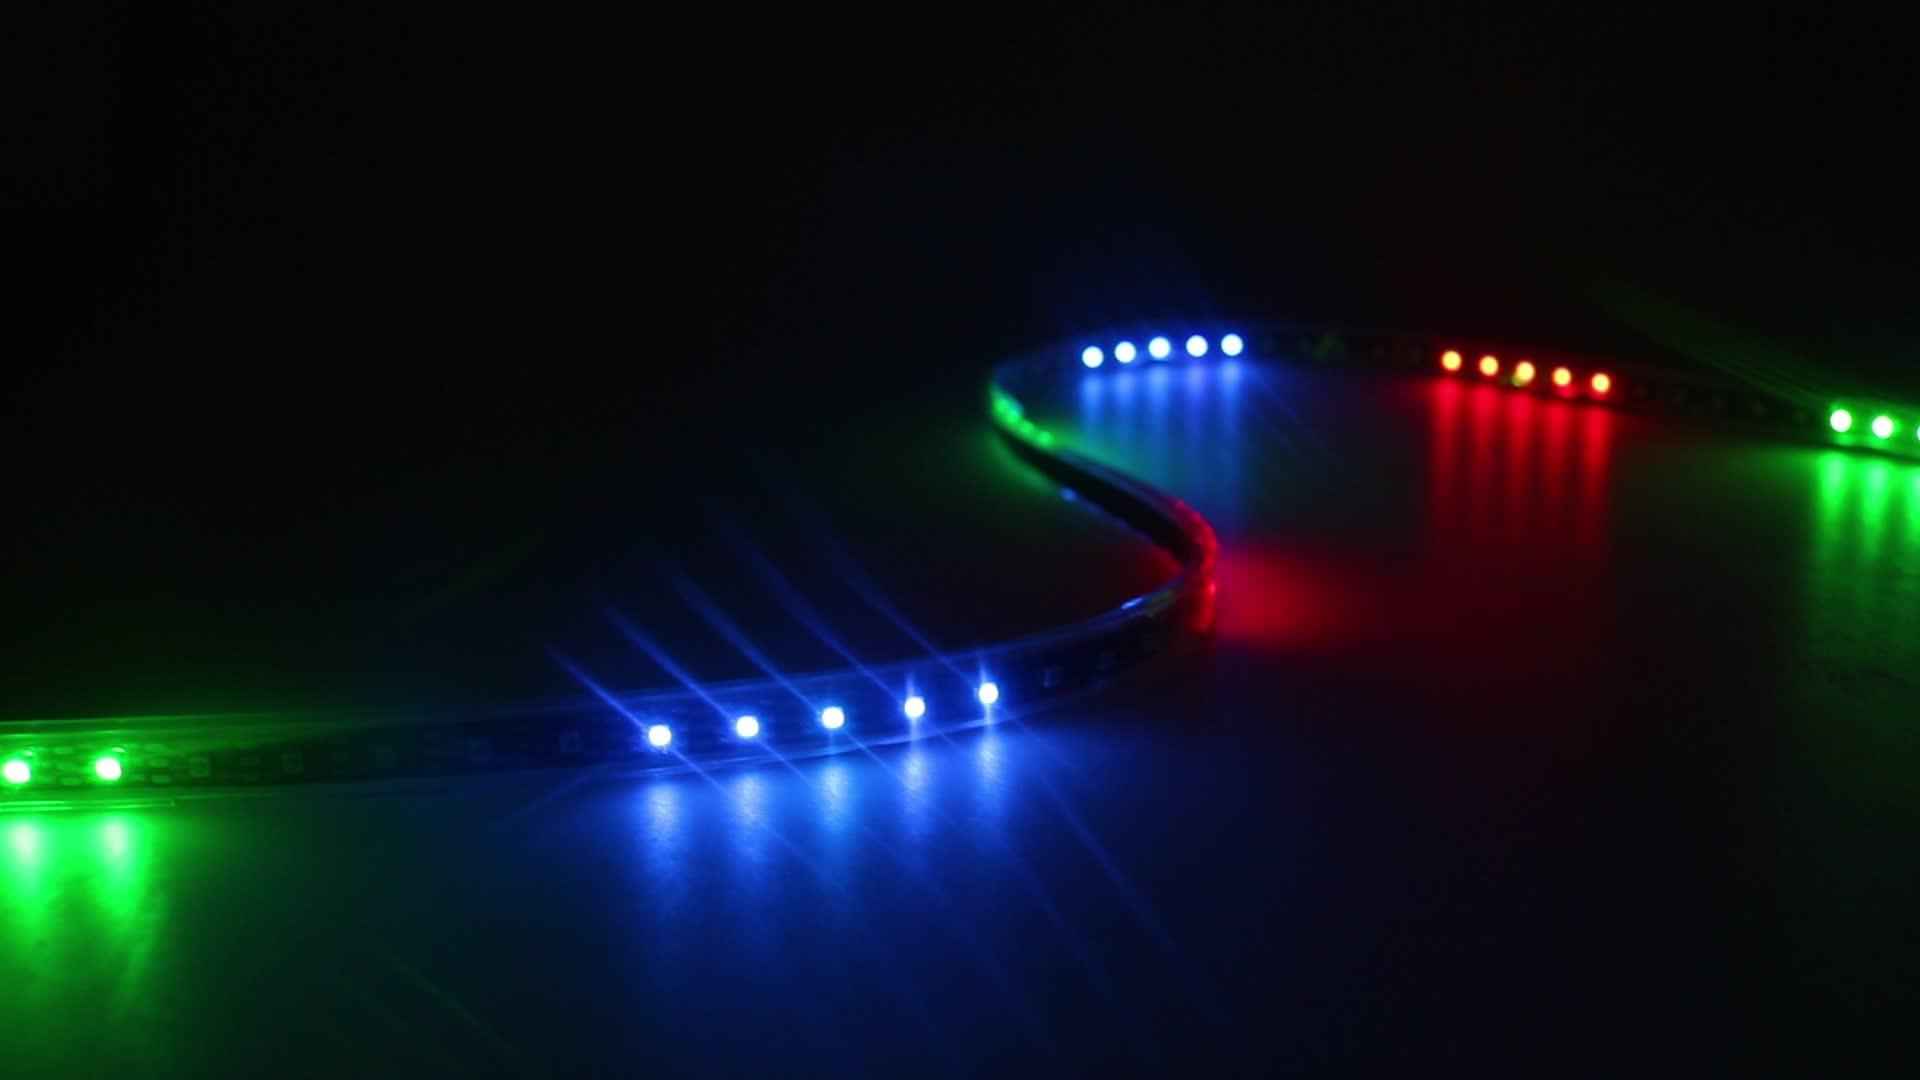 shiji lighting smd2427 addressable rgb led digital strip 90led sk6812 buy sk6812 90led sk6812. Black Bedroom Furniture Sets. Home Design Ideas